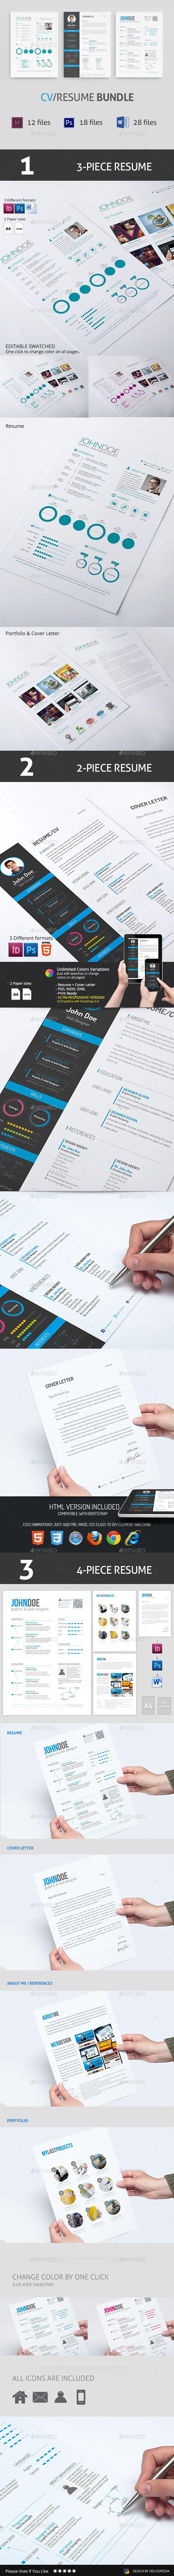 GraphicRiver CV Resume Bundle 9749516